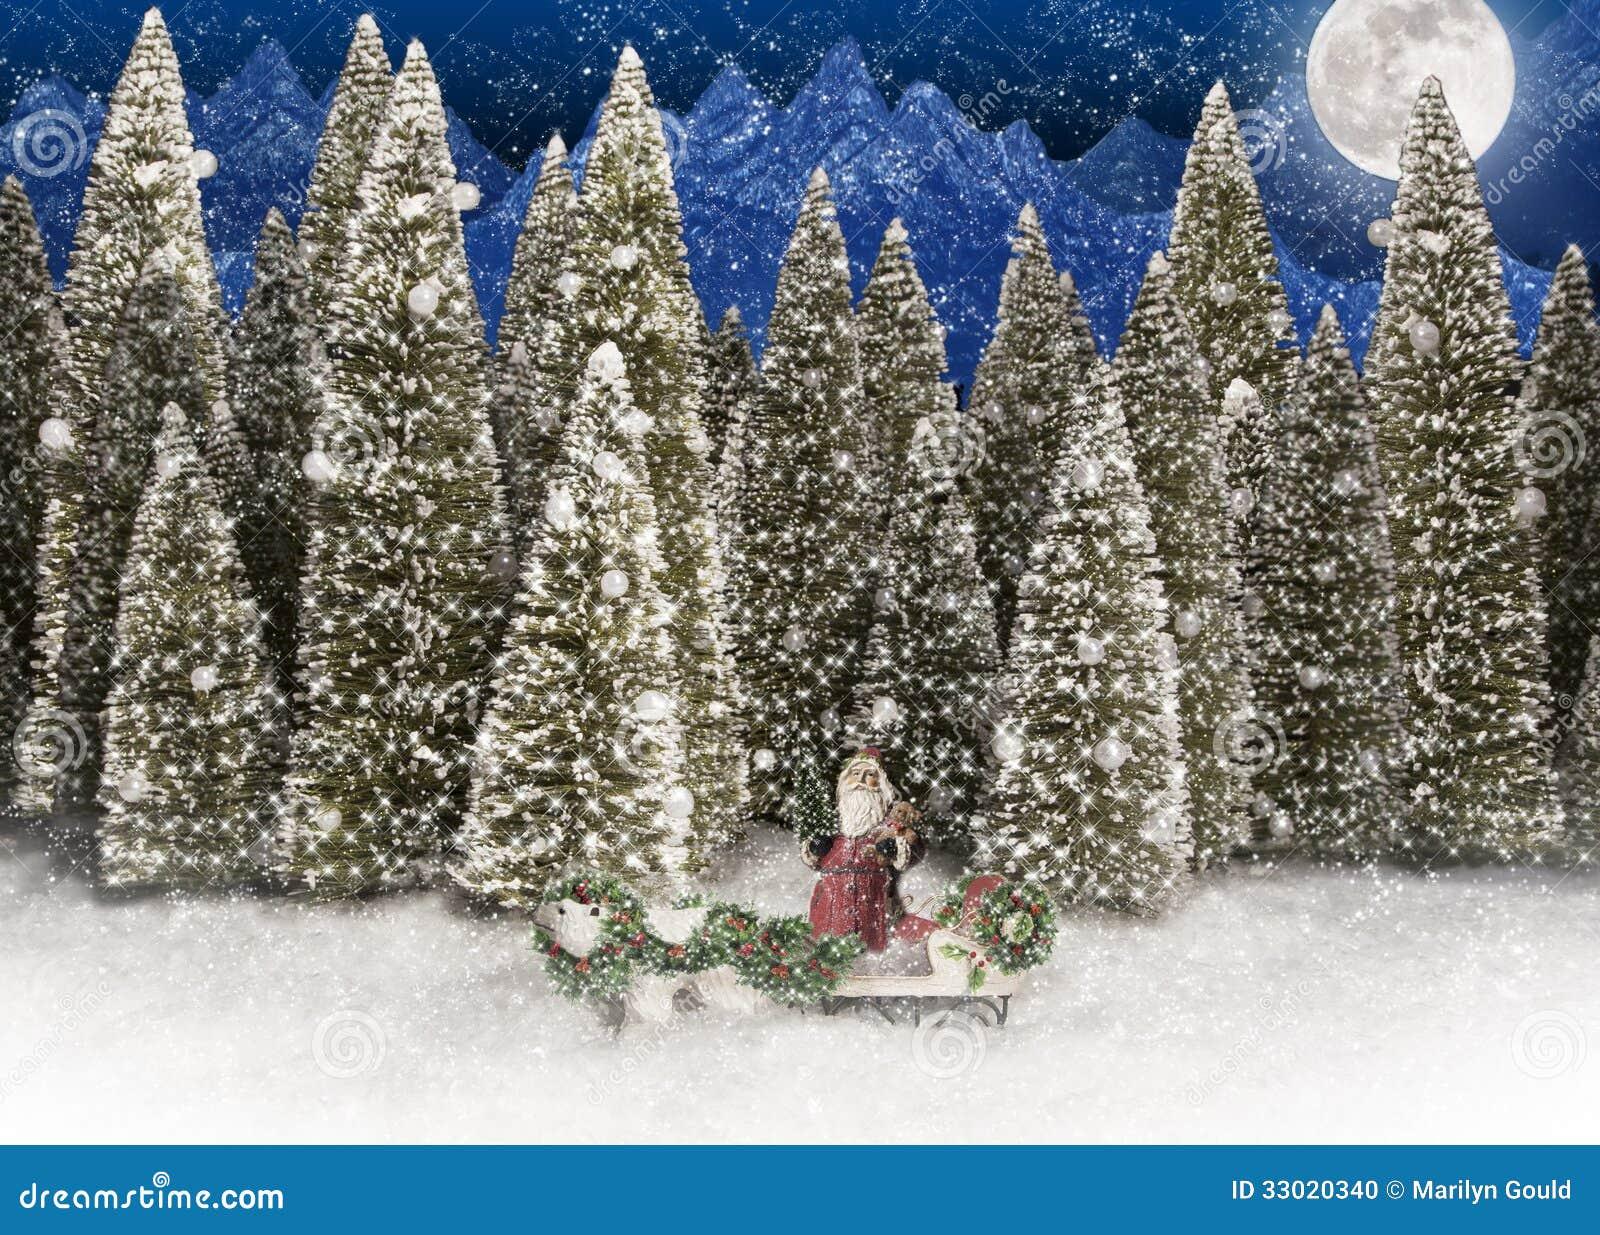 Santa Claus Polar Bear Forest